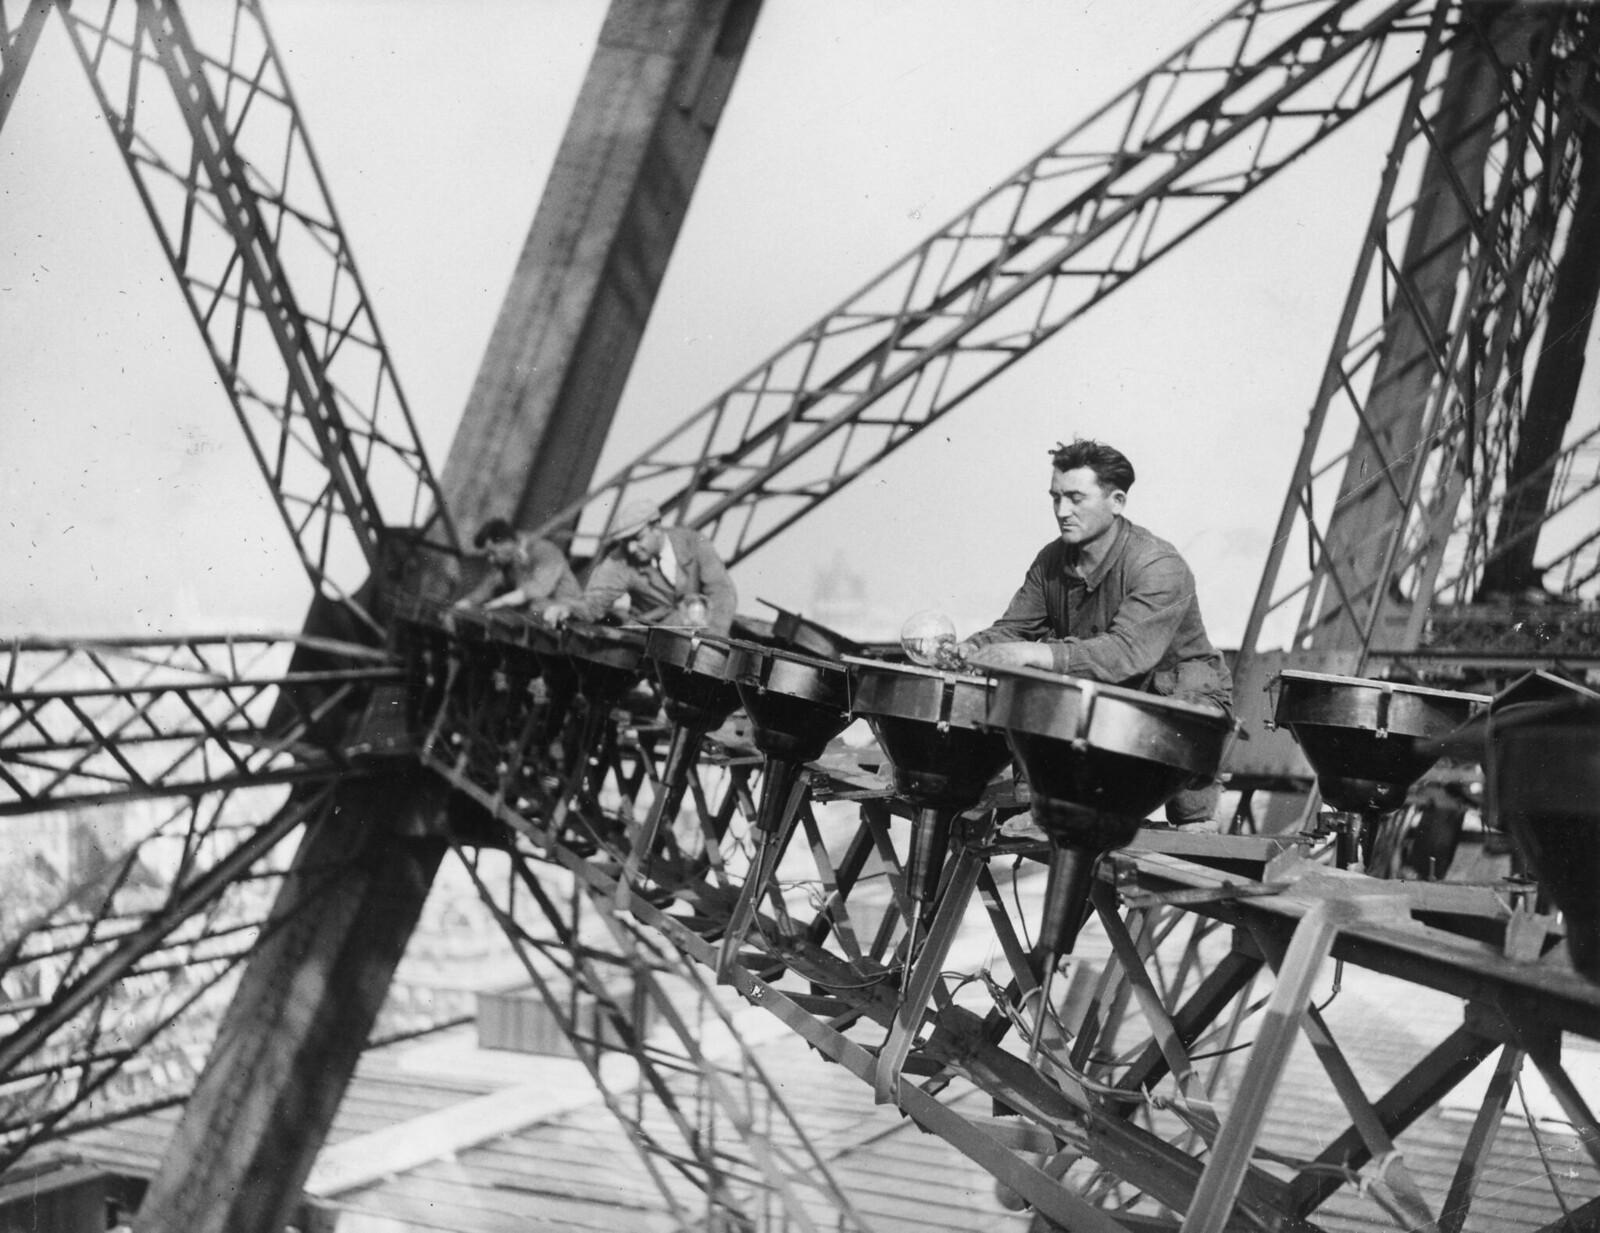 02. 1937. Электрики балансируют на вершине Эйфелевой башне, чтобы установить ночную электрическую подсветку башни